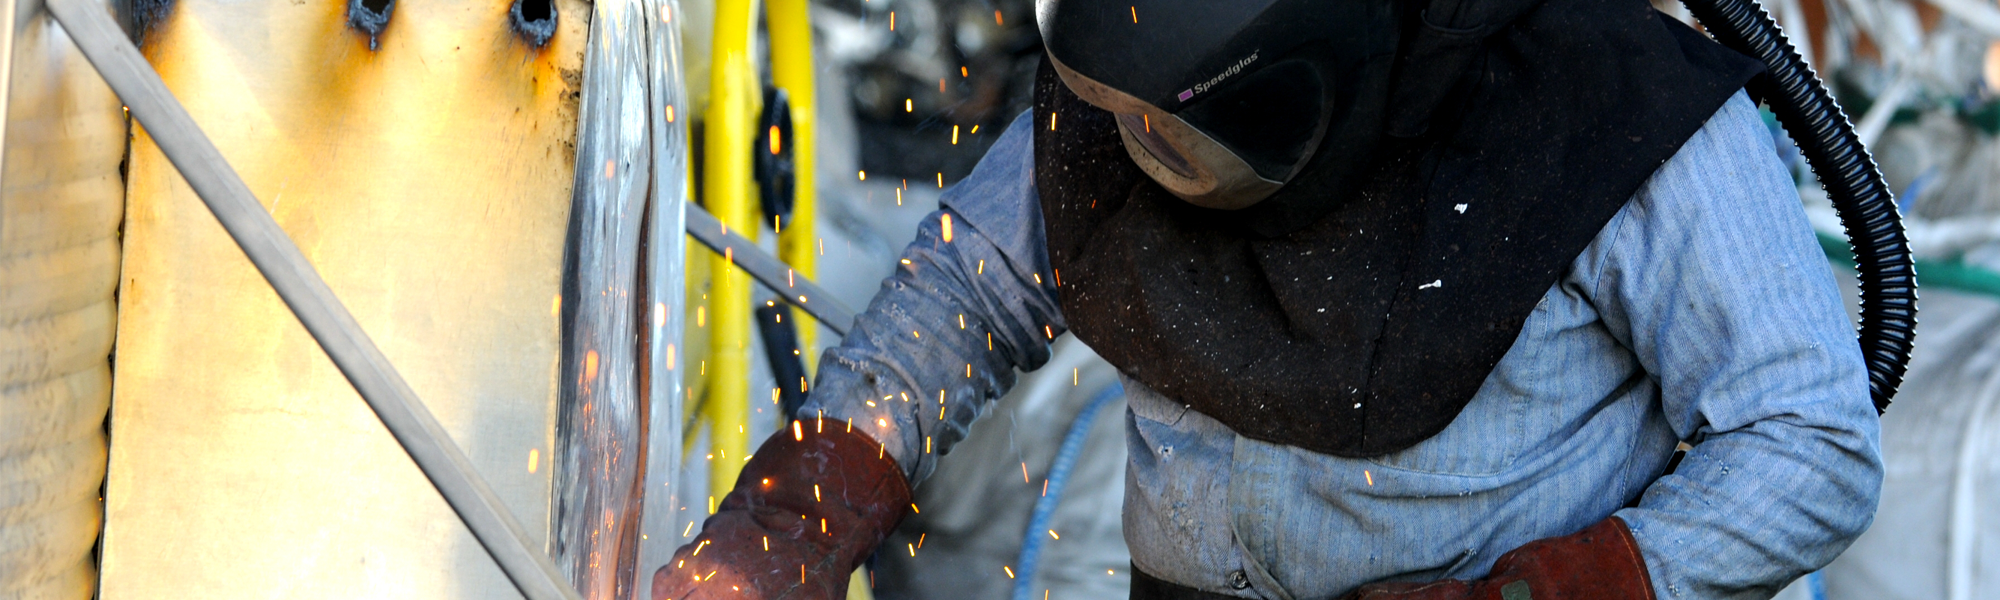 welder working on scrap metal